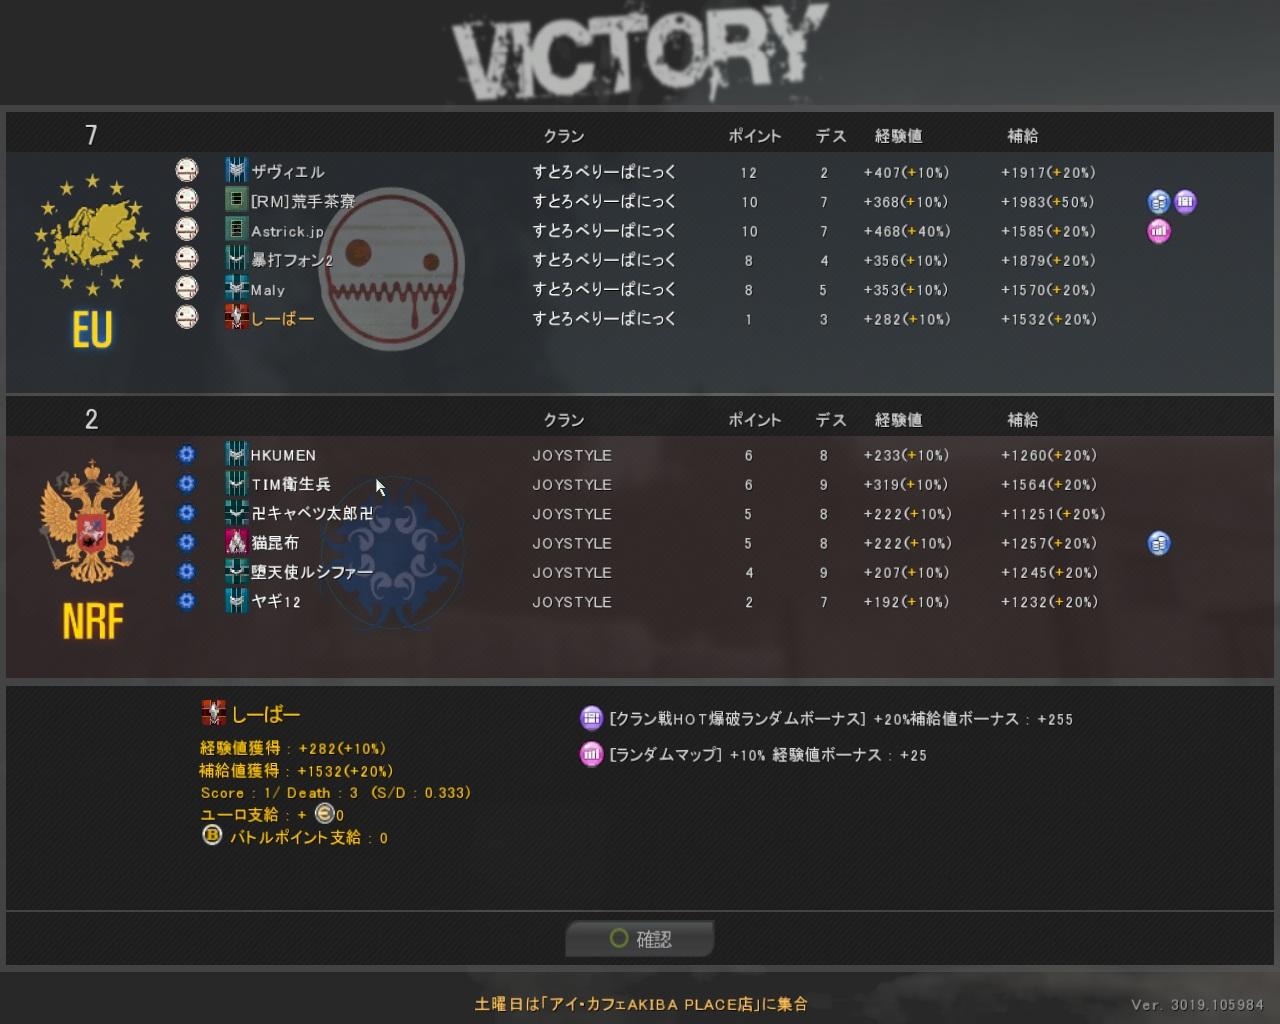 結果 2010・09・09